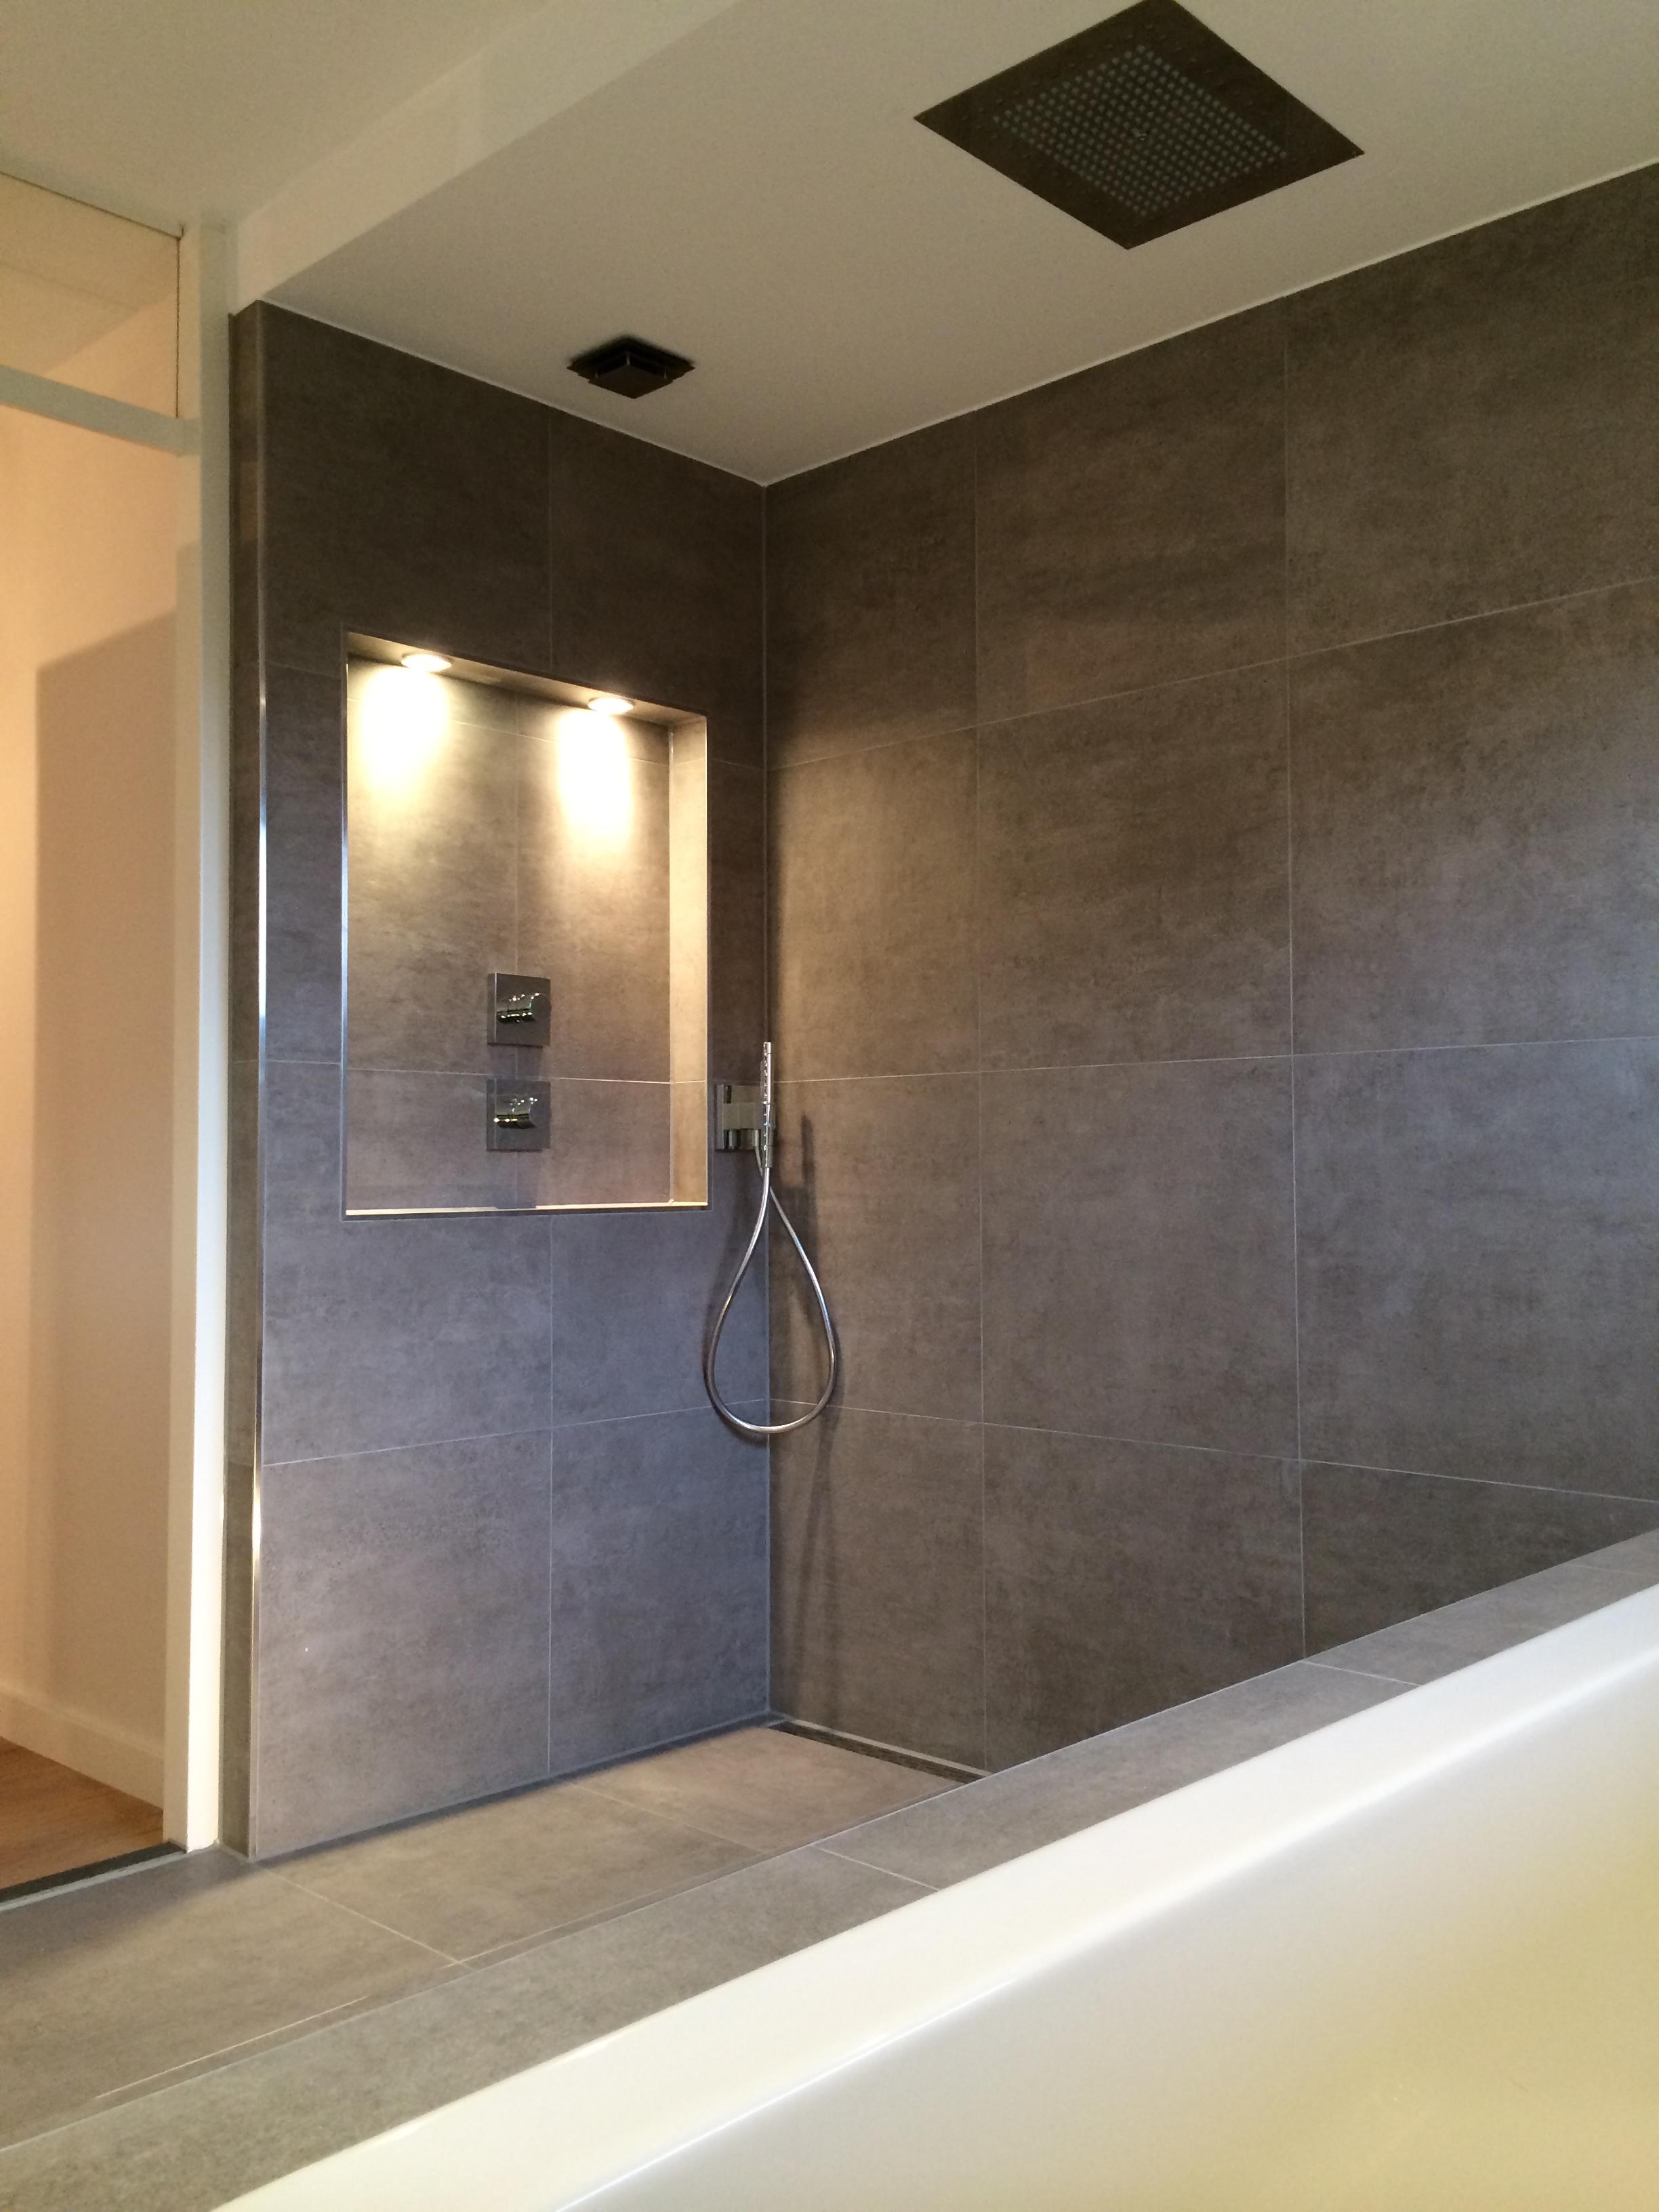 Lichtplan badkamer maken home design idee n en meubilair inspiraties - Tegellijm keuken ...